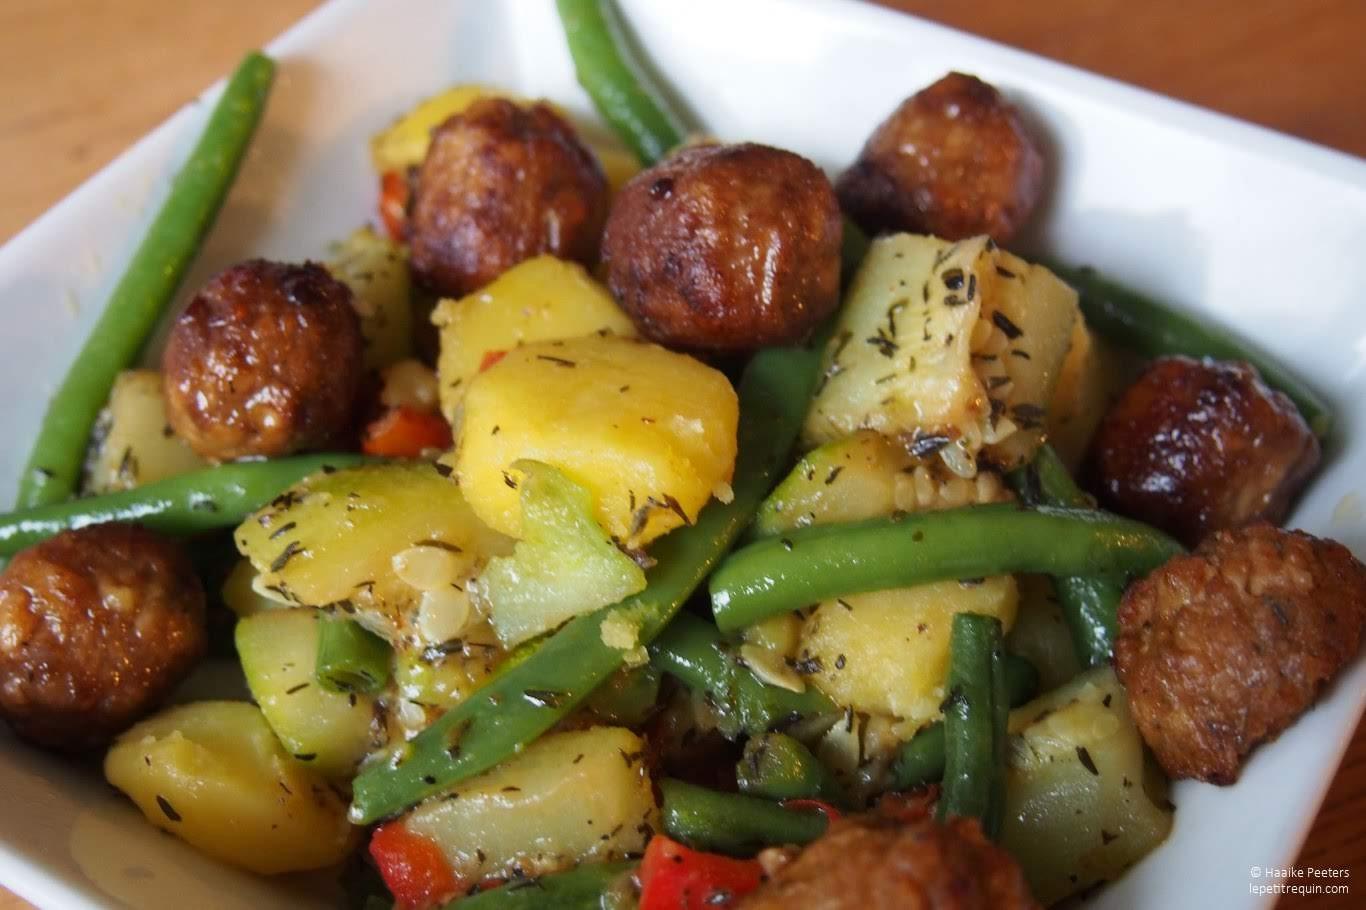 Aardappelen met boontjes, paprika, courgette en vegetarische balletjes (Le petit requin)